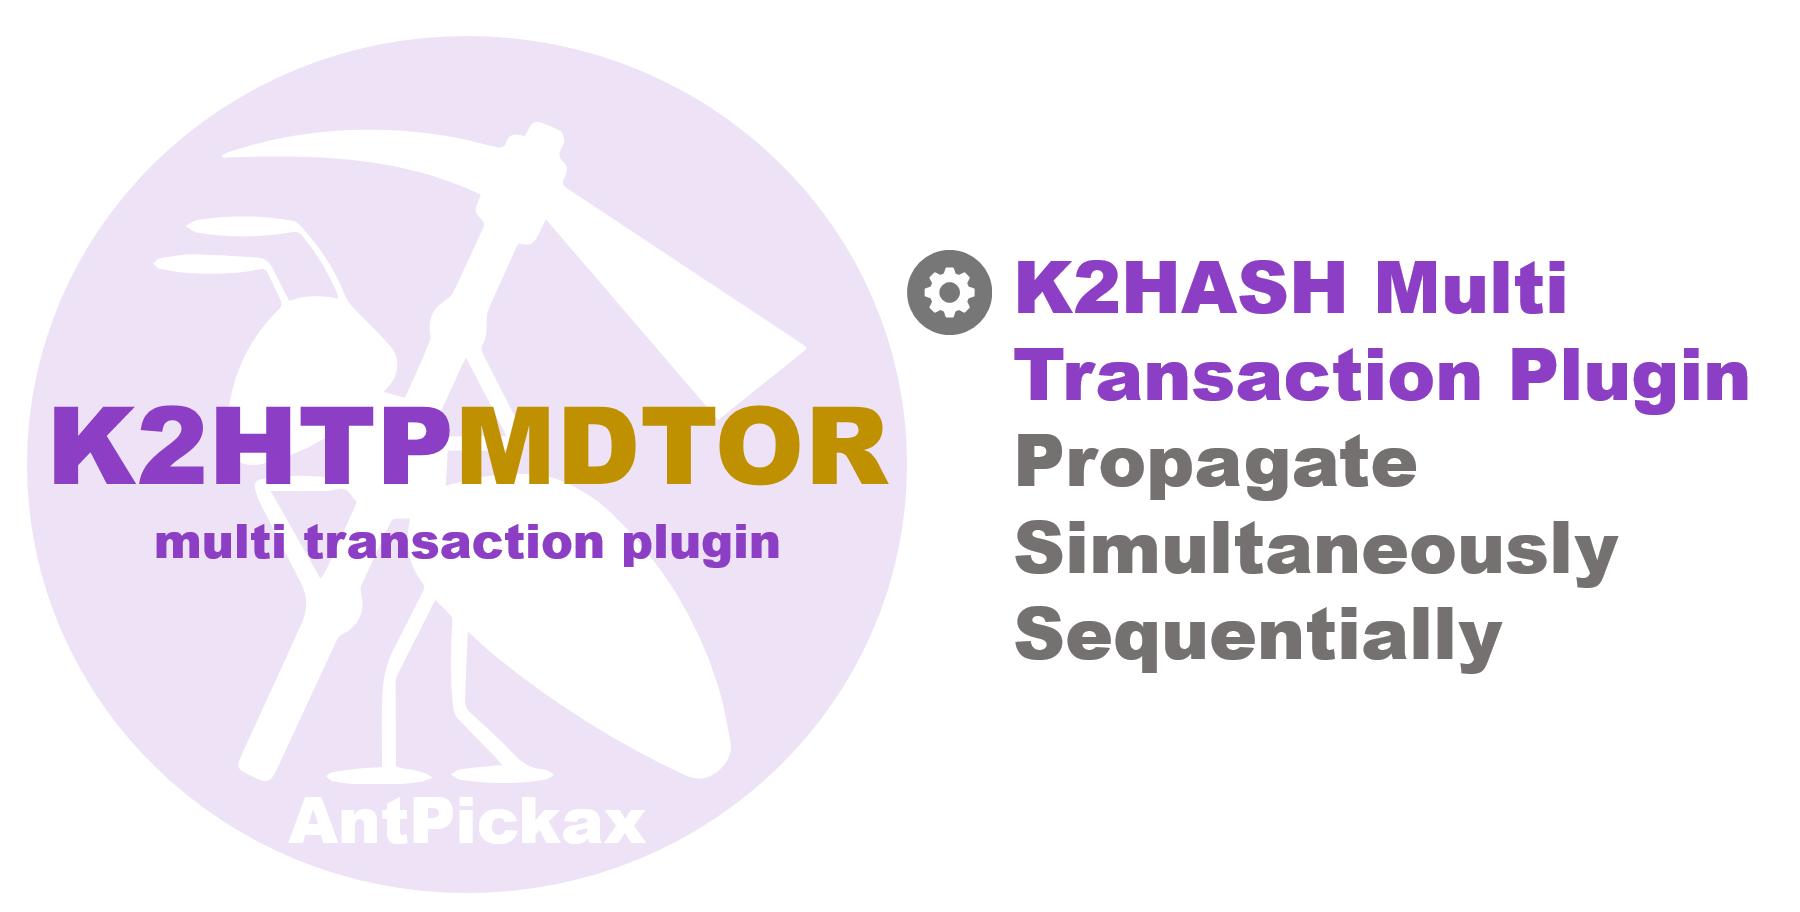 K2HTPMDTOR